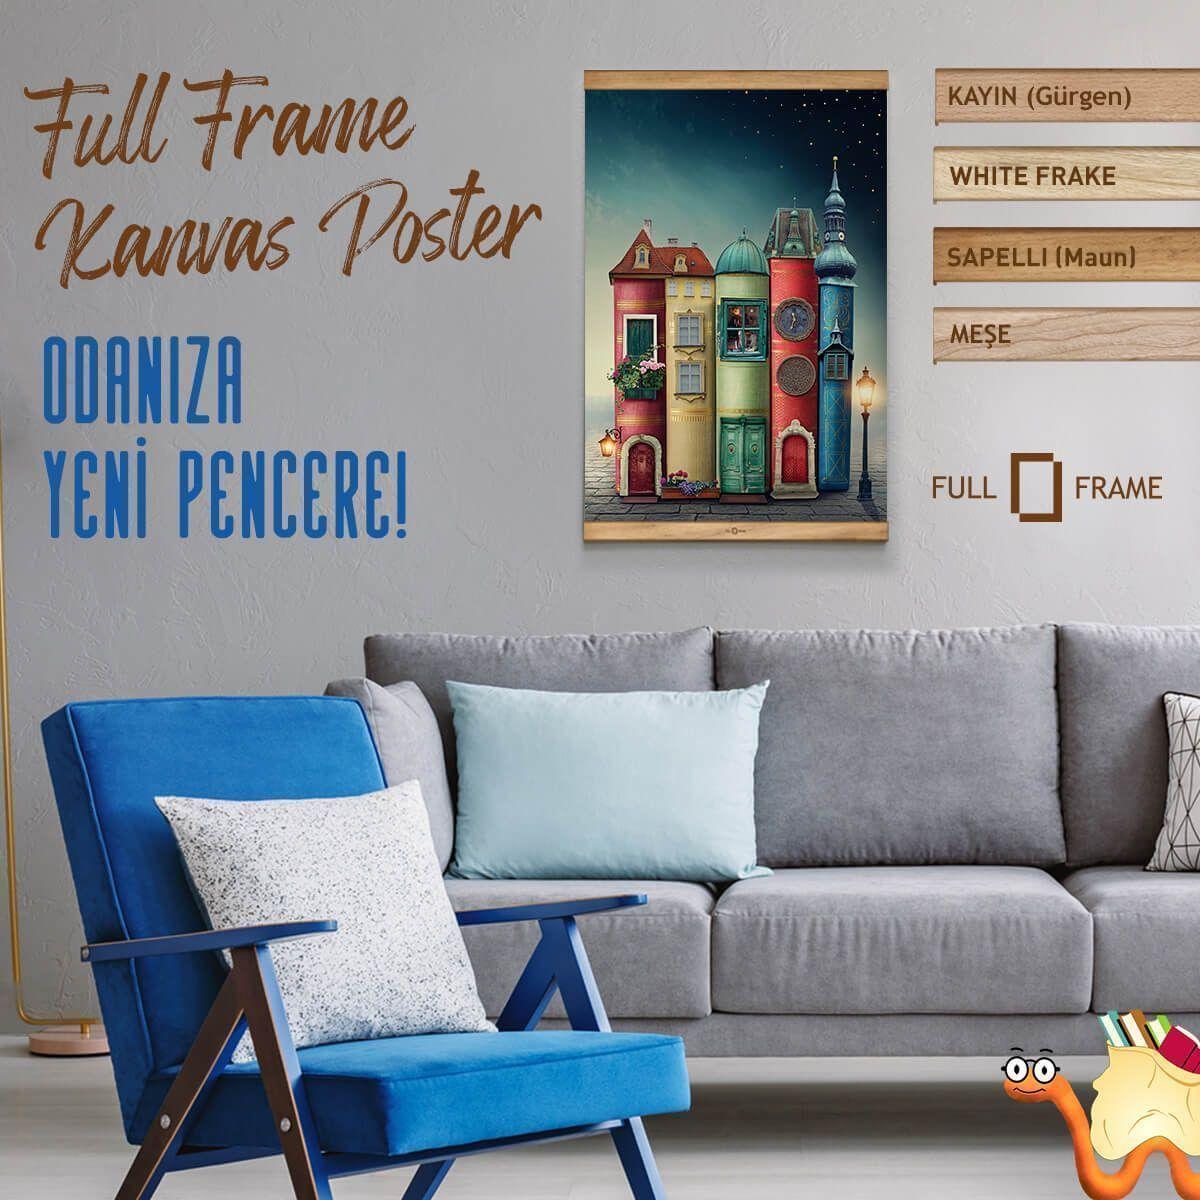 Full Frame Kanvas Poster ile odanıza yeni bir pencere açın... ✨ Ürünleri incelemek için👉 https://t.co/VwOZ8Q66bb #kitap #kitapyurdu https://t.co/aZvhoxyogI